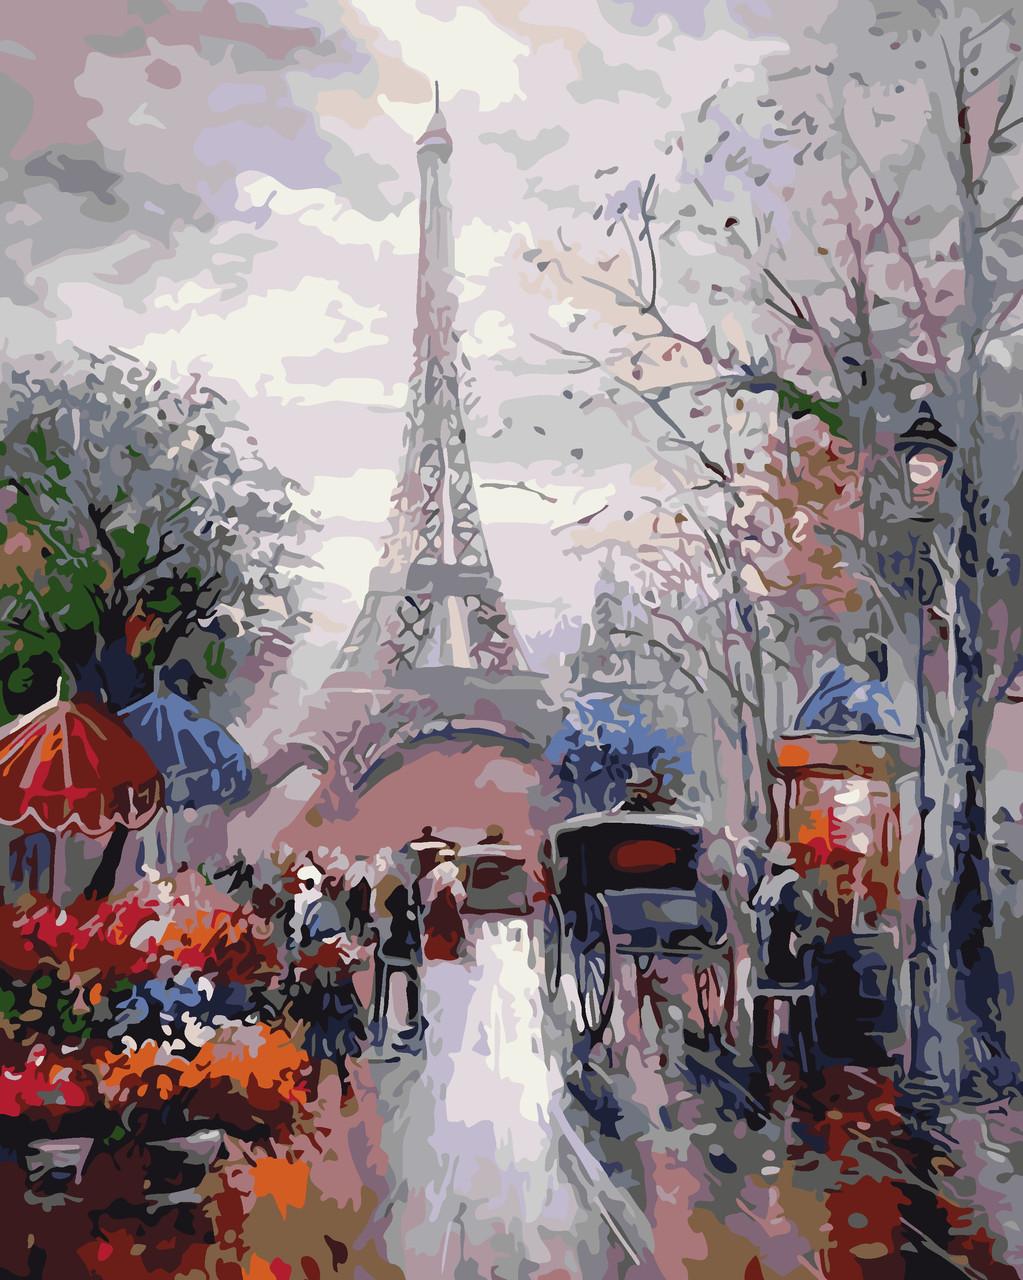 Художественный творческий набор, картина по номерам Французская улочка, 40x50 см, «Art Story» (AS0035)